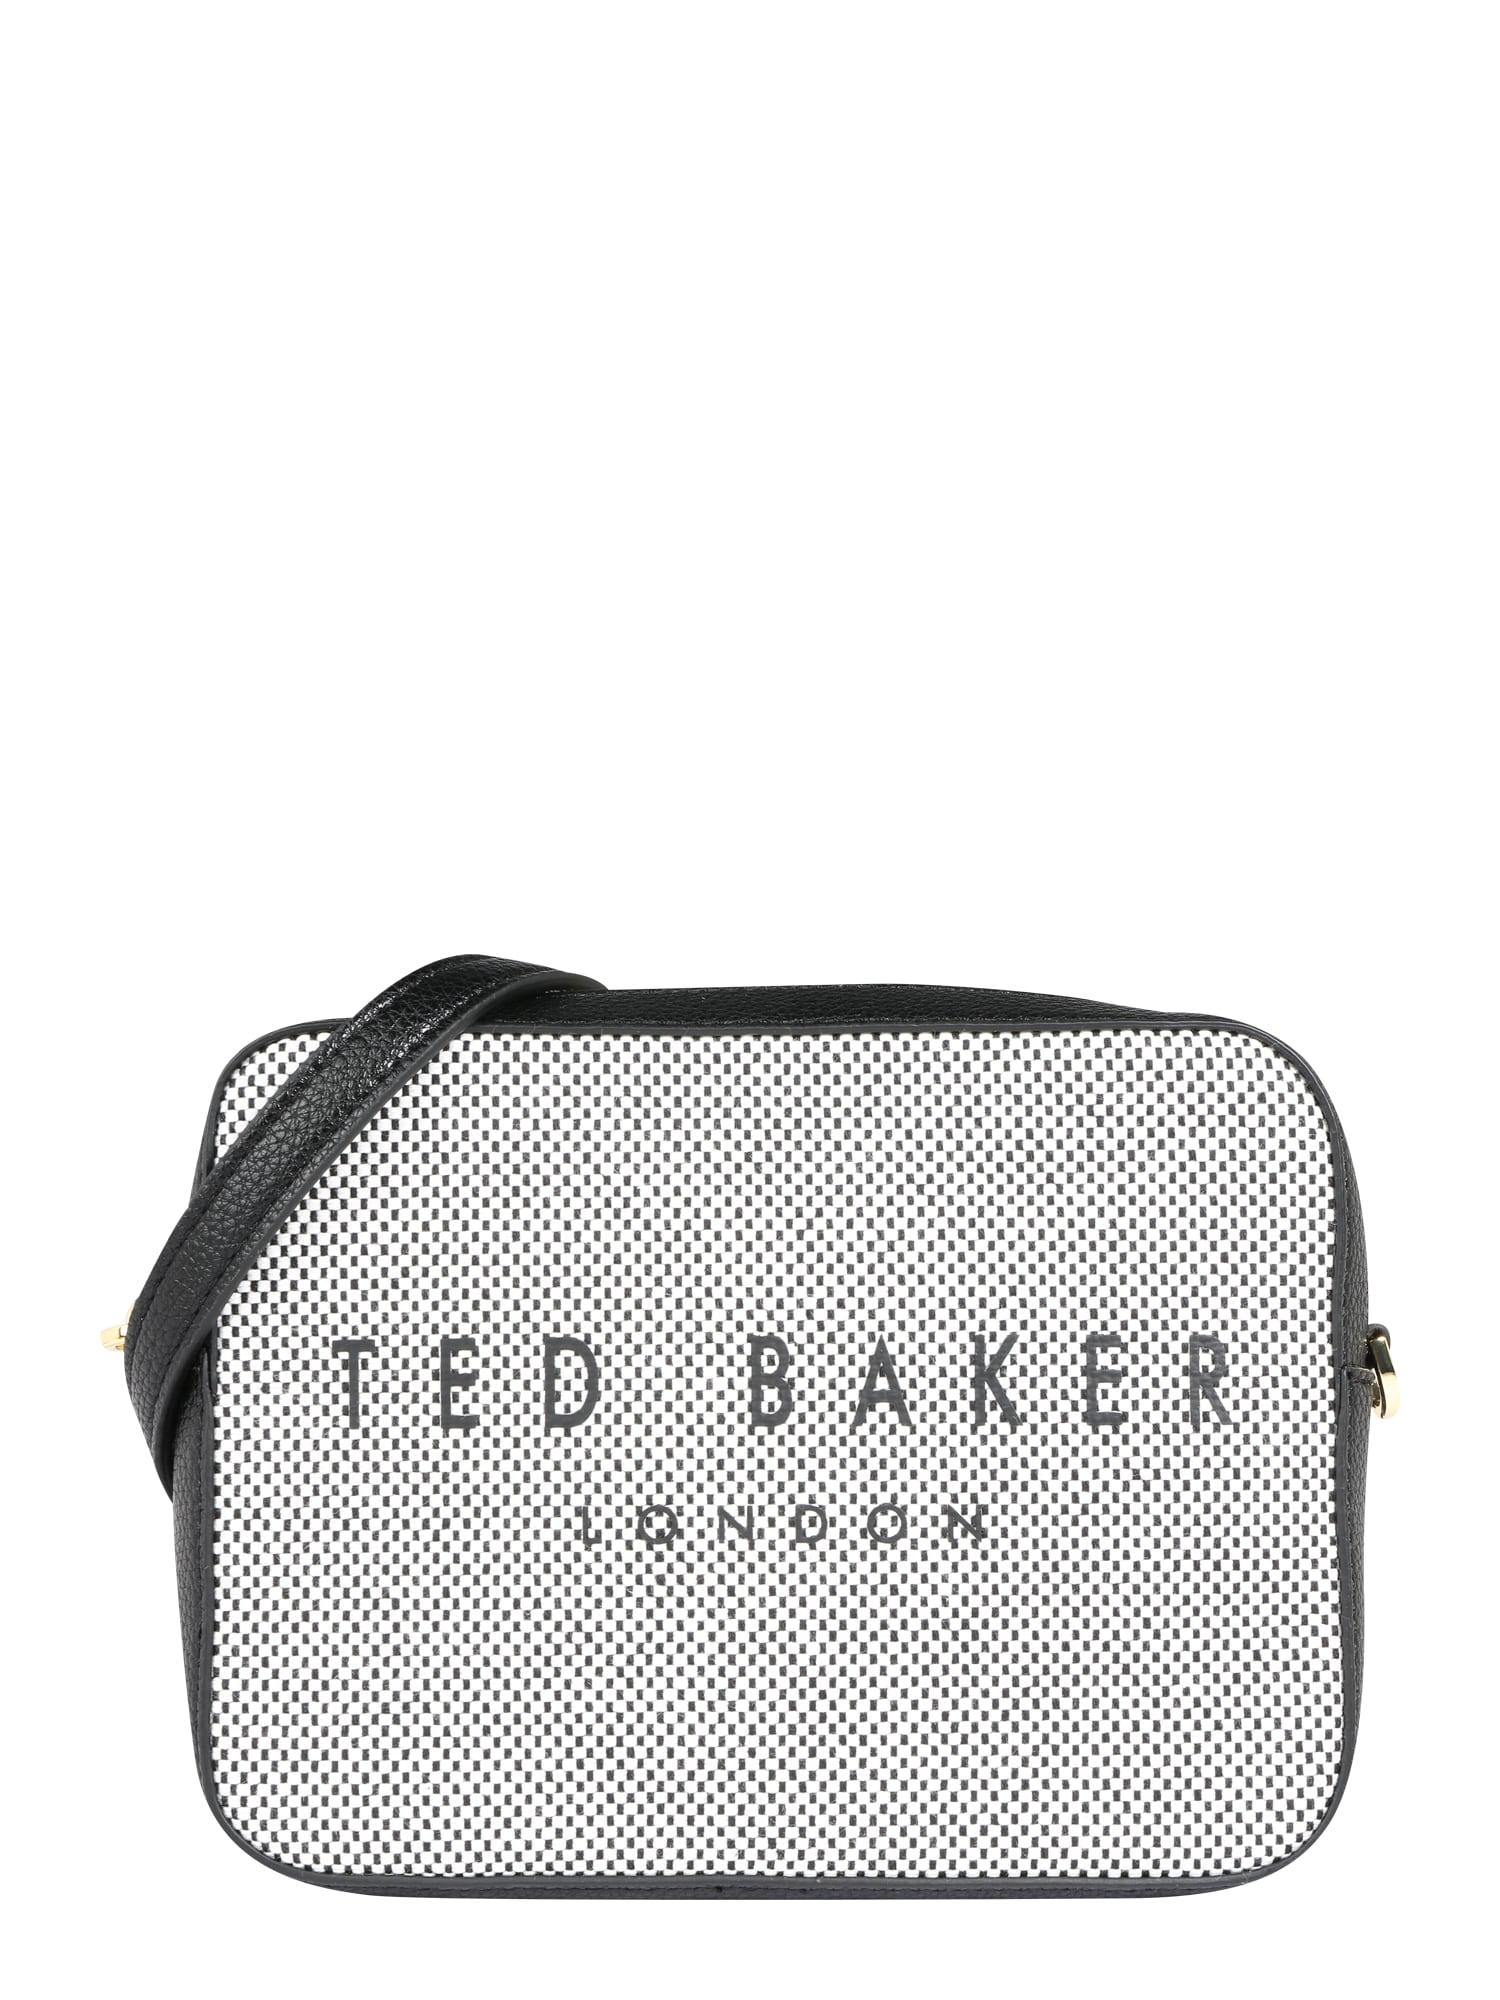 Taška přes rameno statement camera xbody bag černá bílá Ted Baker